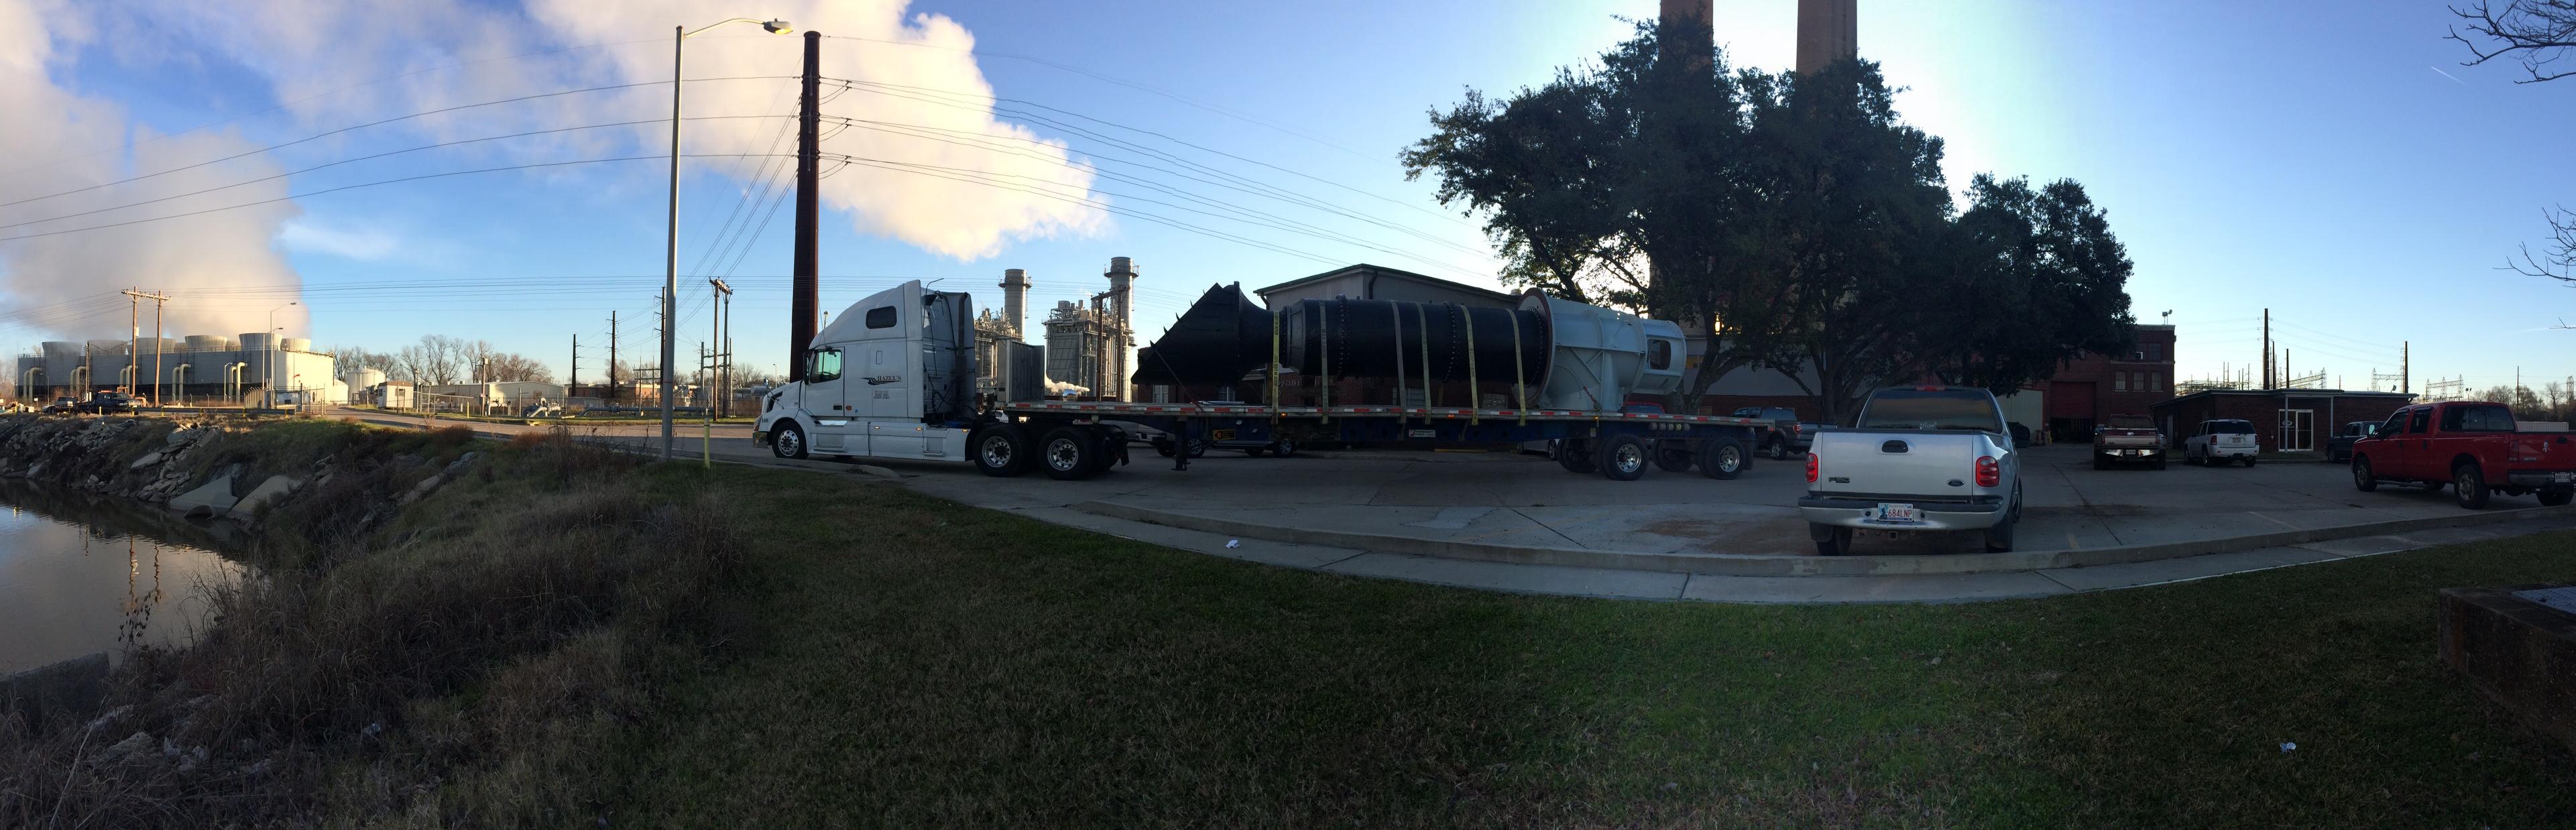 Hazel's Truck - 19